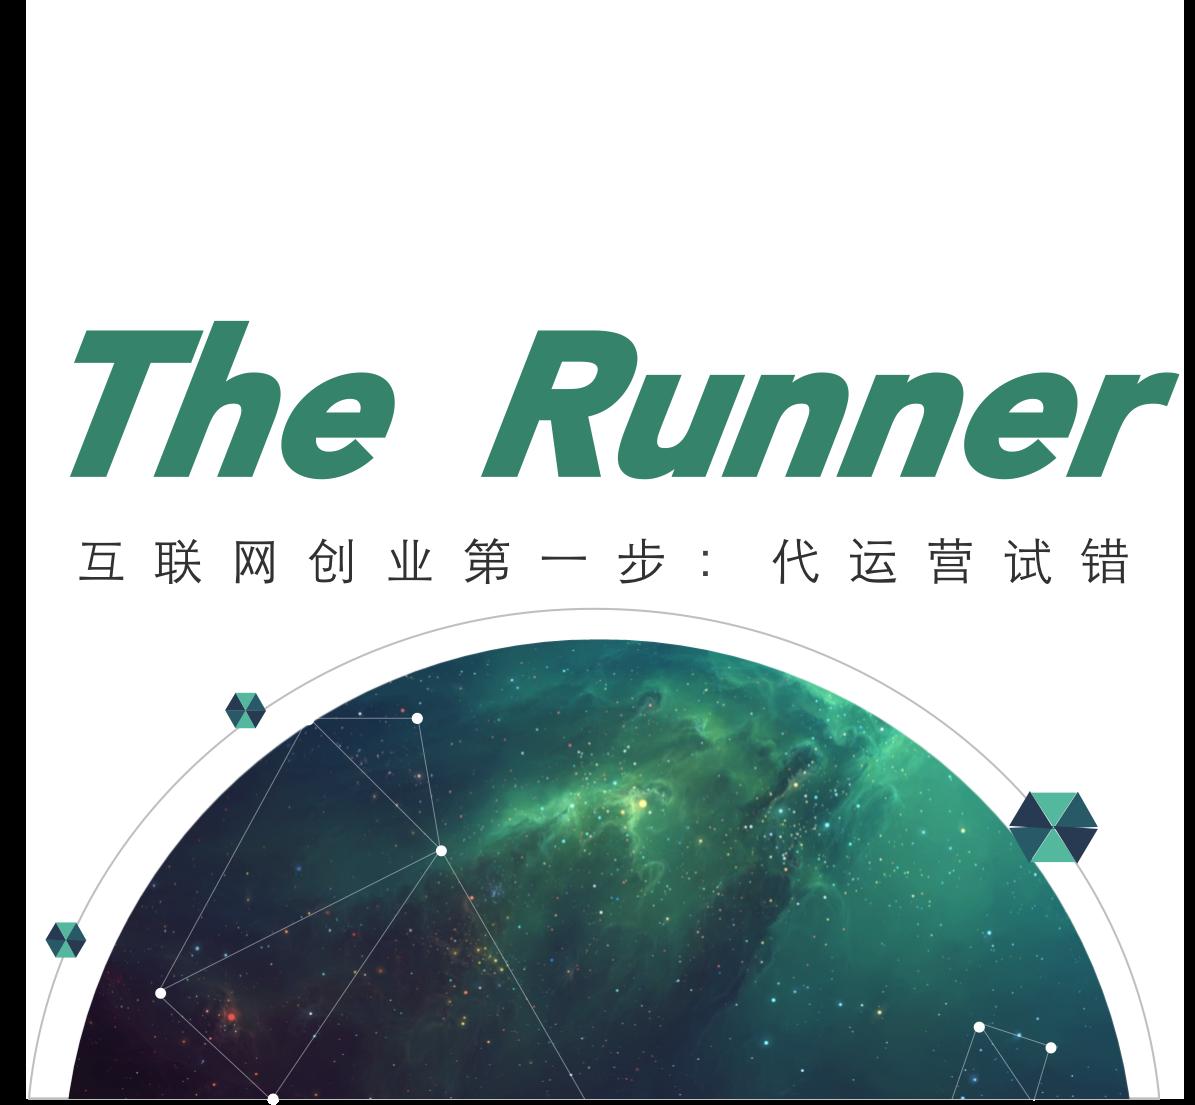 TheRunner创业快速试错